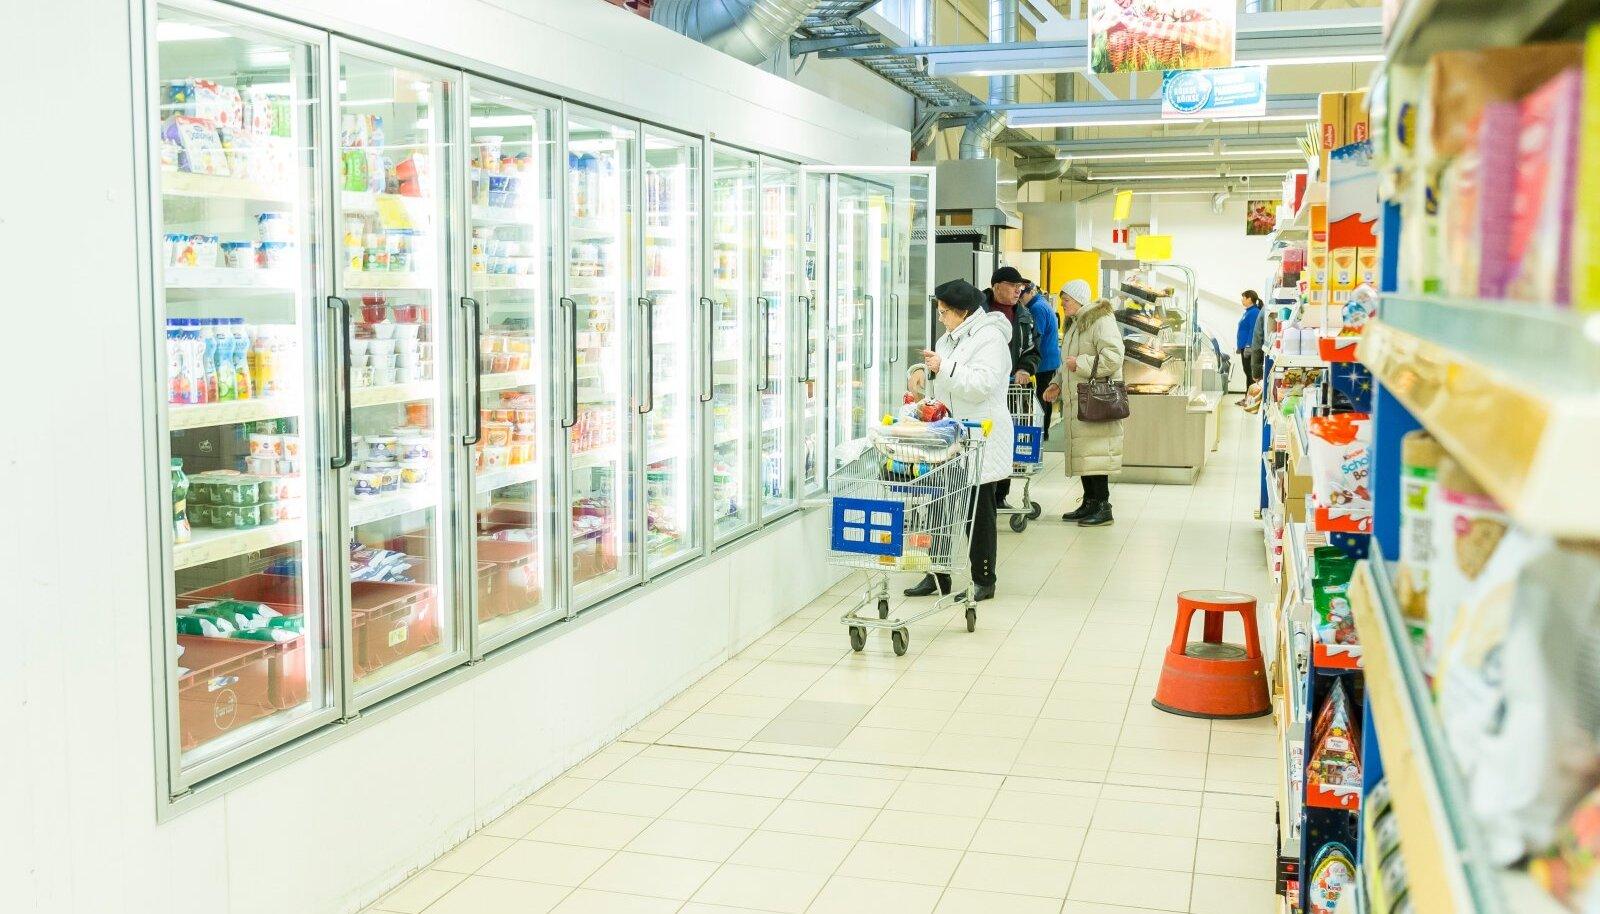 Piim ja piimatooted on kõigi toodete osas odavamad kui möödunud aastal.